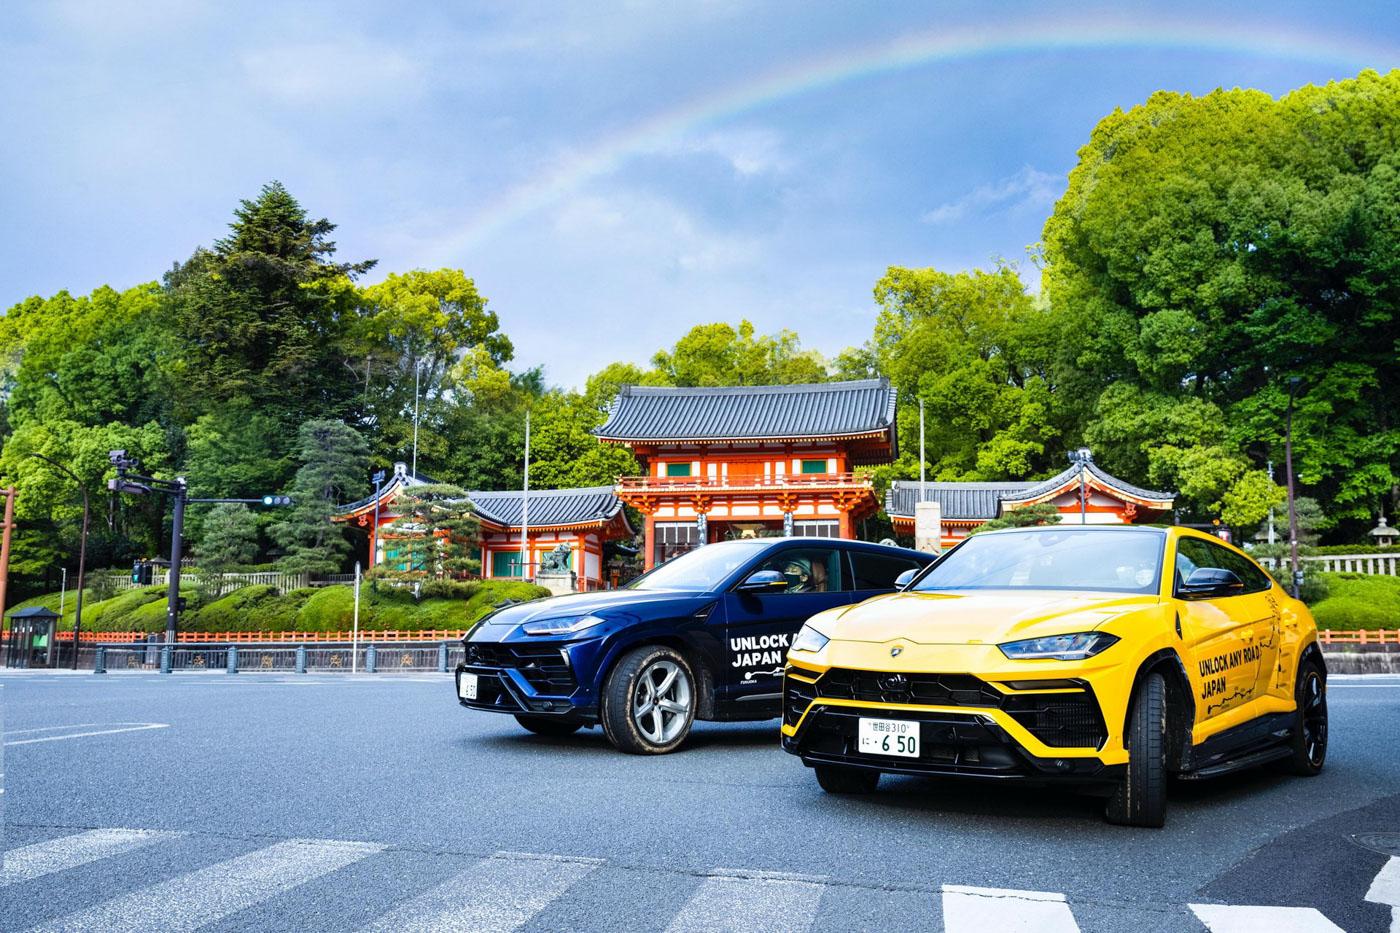 Bộ-đôi-Lamborghini-Urus-vượt-hơn-6.500-km-trong-hành-trình-xuyên-Nhật-Bản (34).jpg